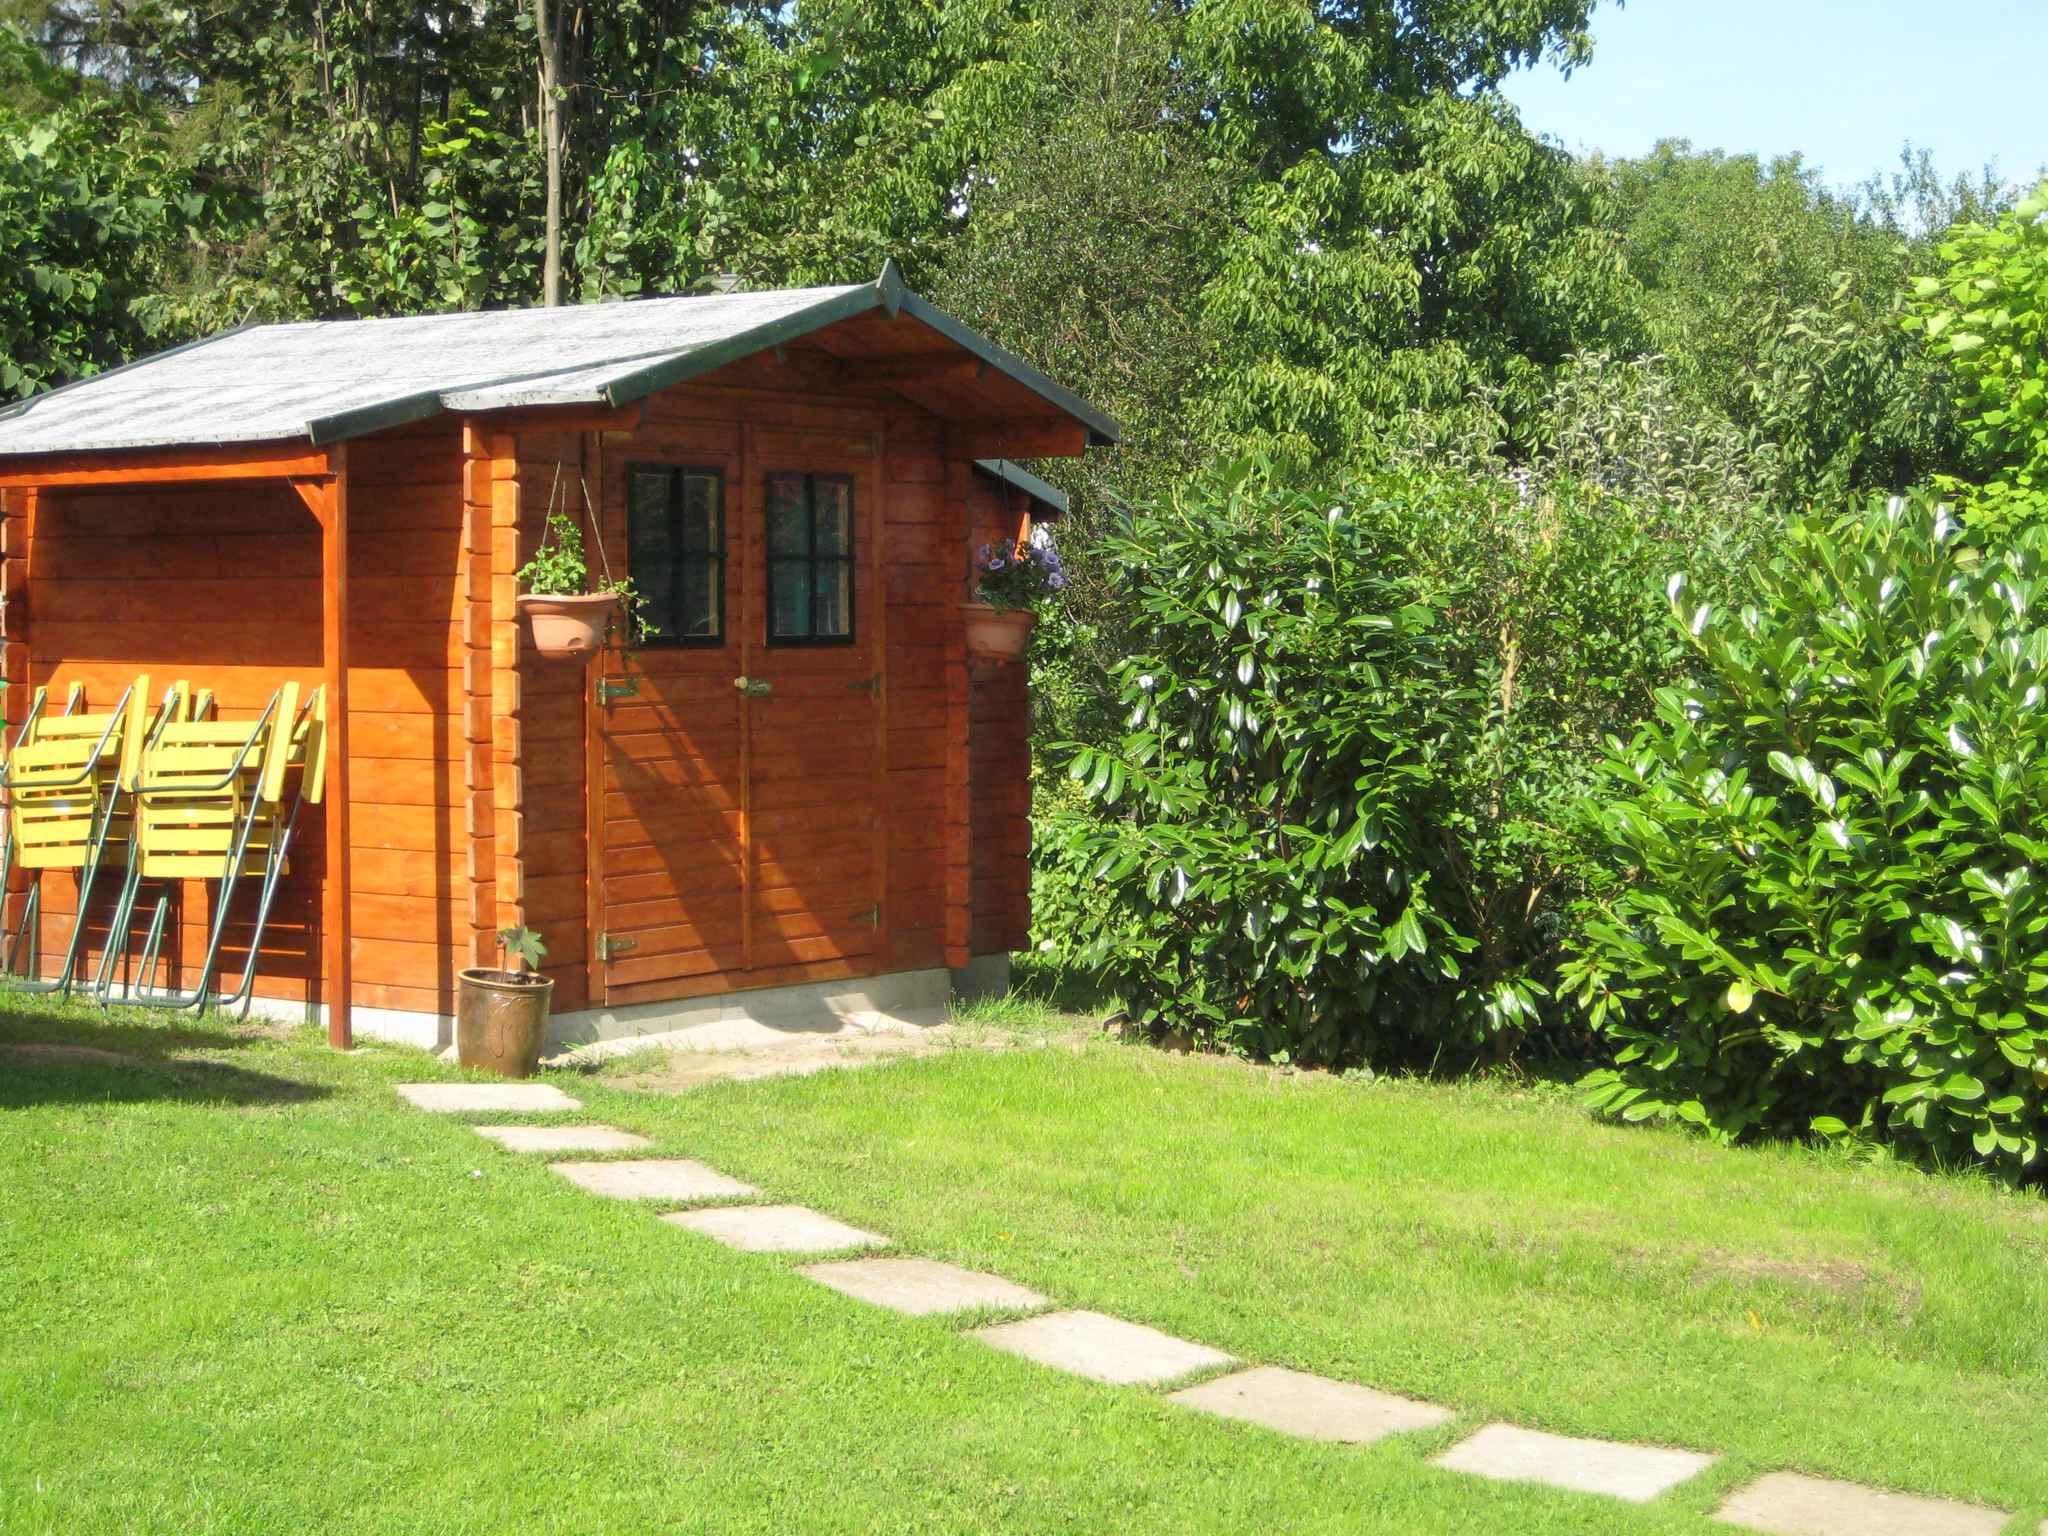 Ferienhaus Hütte mit Terrasse und Garten (317258), Putbus, Rügen, Mecklenburg-Vorpommern, Deutschland, Bild 3